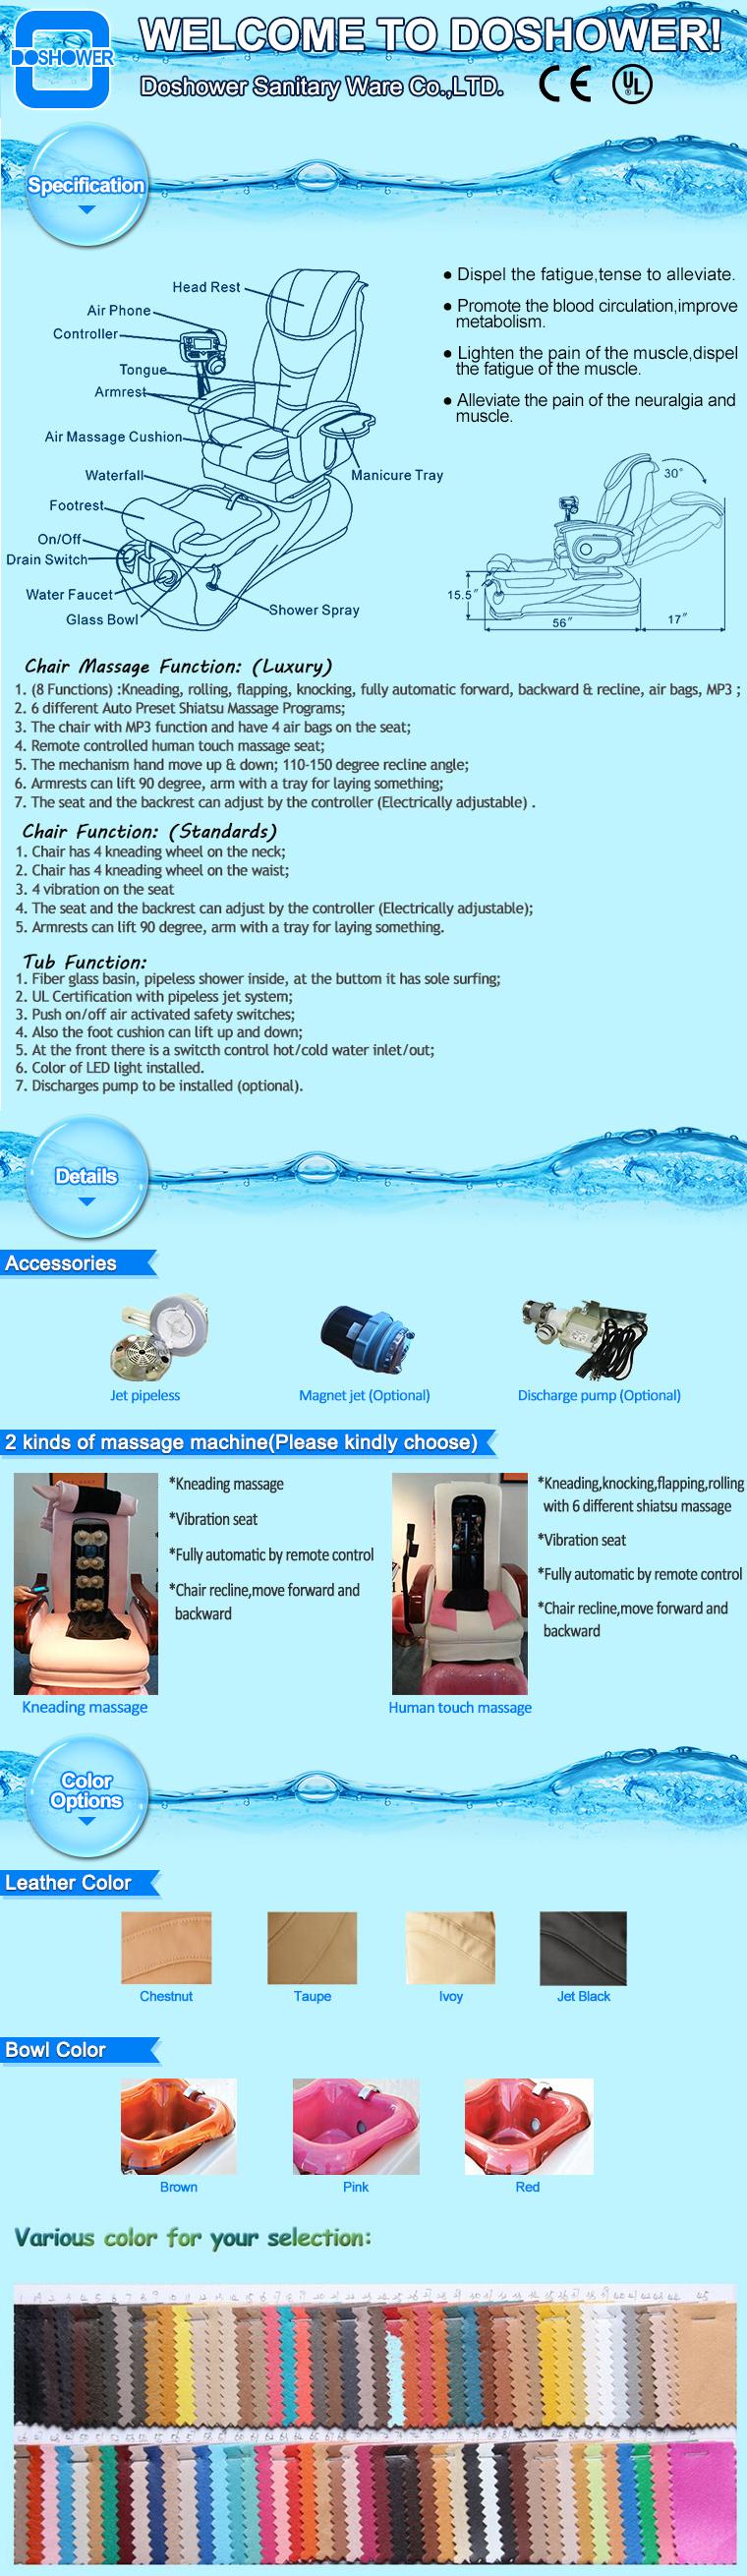 Pediküre liner einweg kunststoff mit pediküre magnetische liner jet für pediküre stuhl luxus